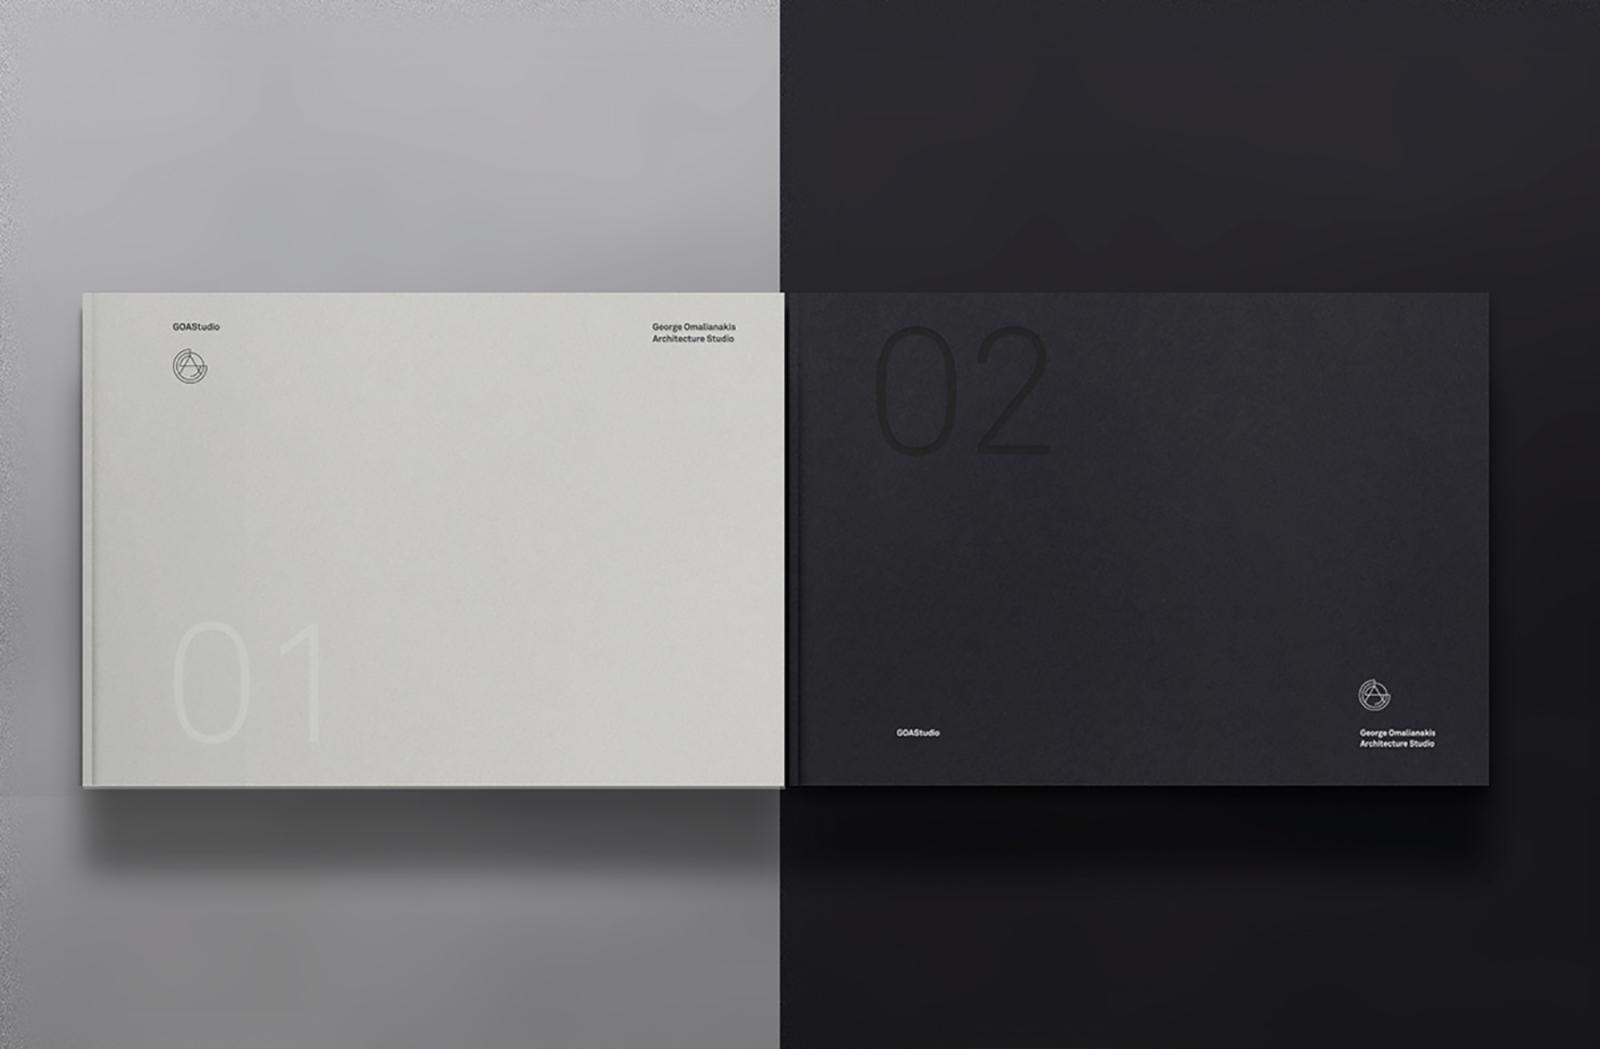 GOAS工作室品牌视觉VI形象设计欣赏-深圳VI设计5